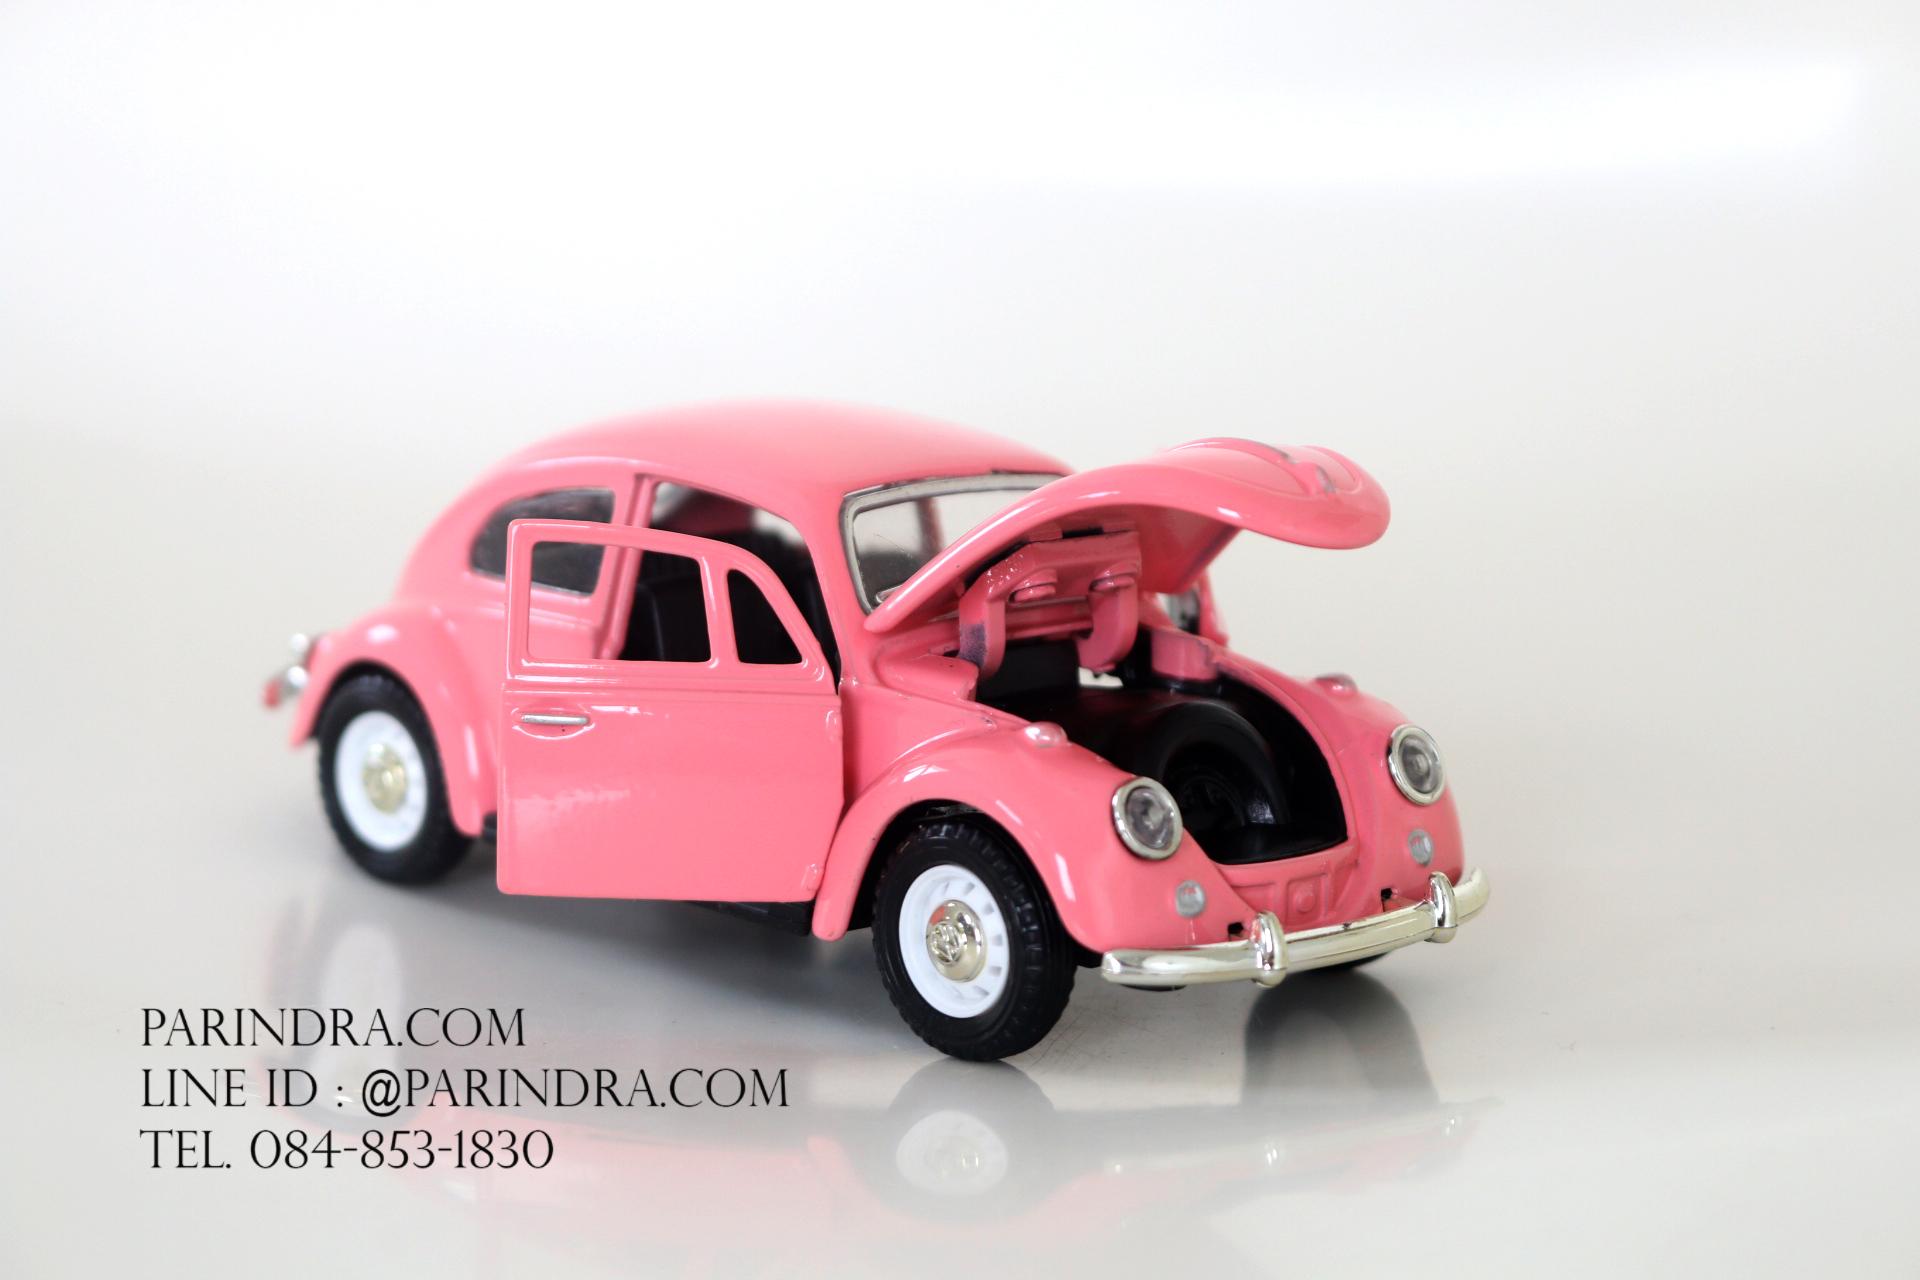 โมเดลรถเหล็กรถเต่า Volkswagen 1967 อัตราส่วน 1:32 สีชมพู